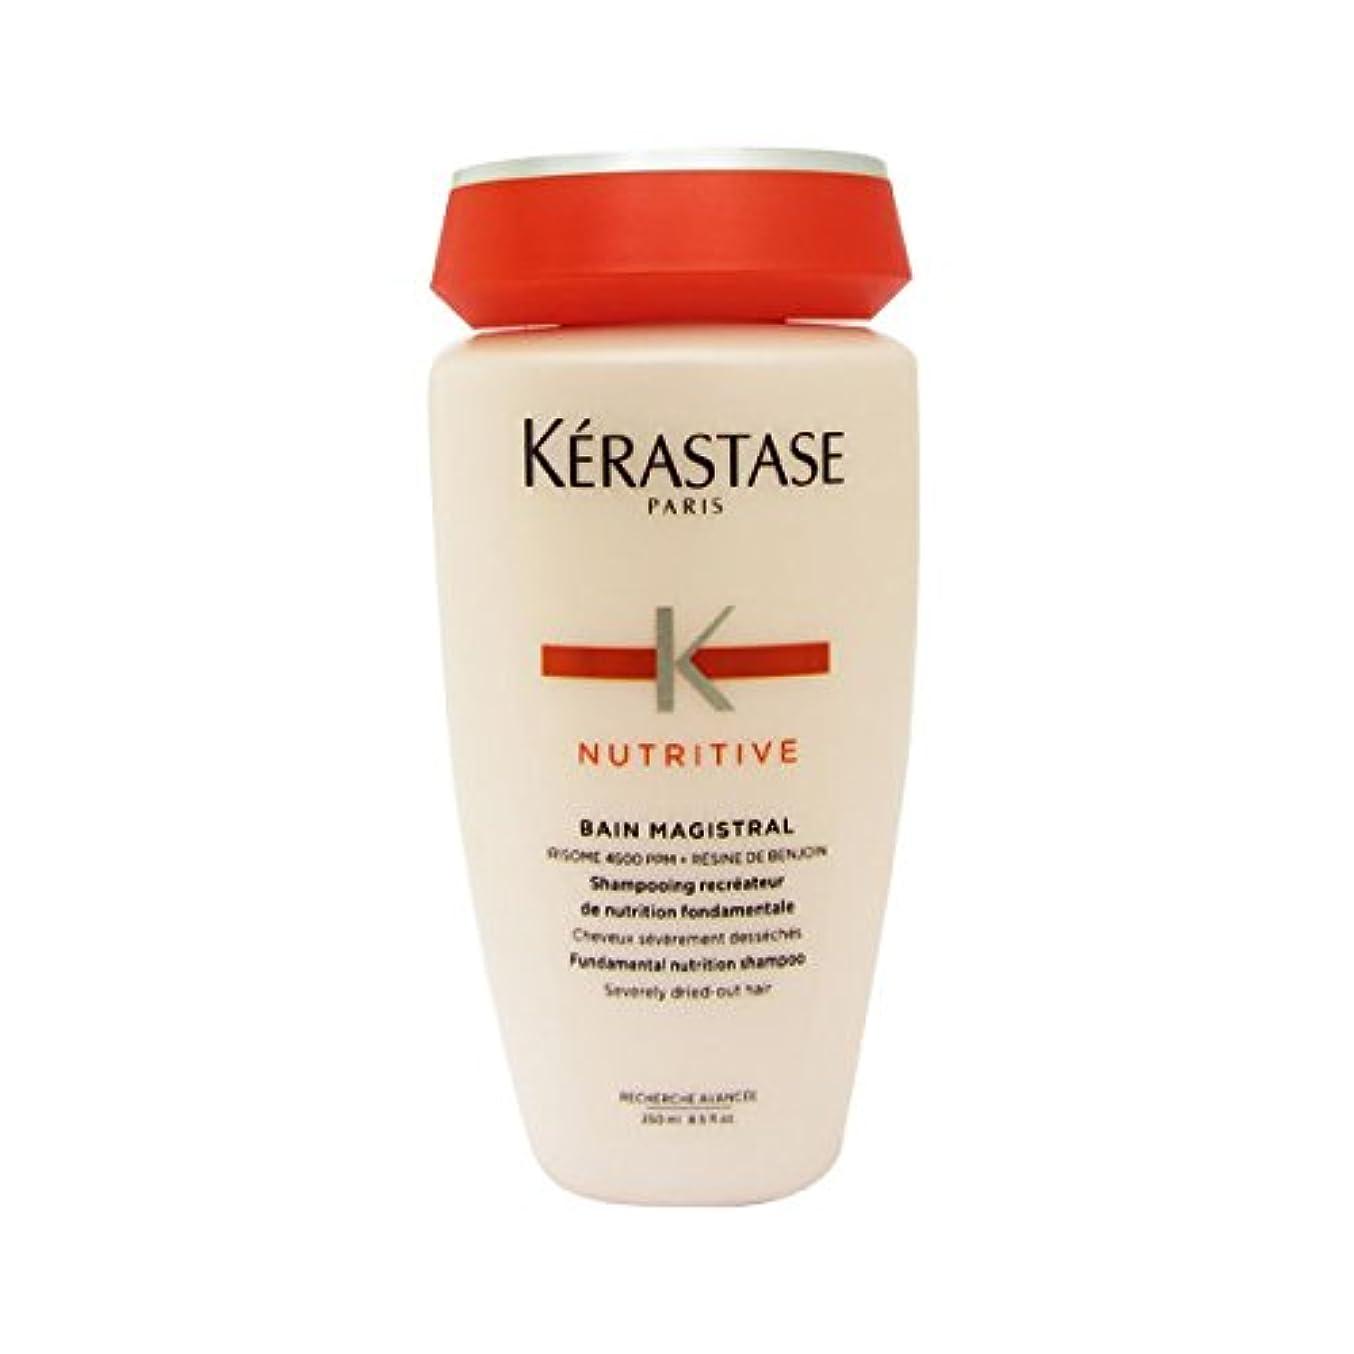 デンマーク釈義色合いK駻astase Nutritive Bain Magistral Shampoo 250ml [並行輸入品]